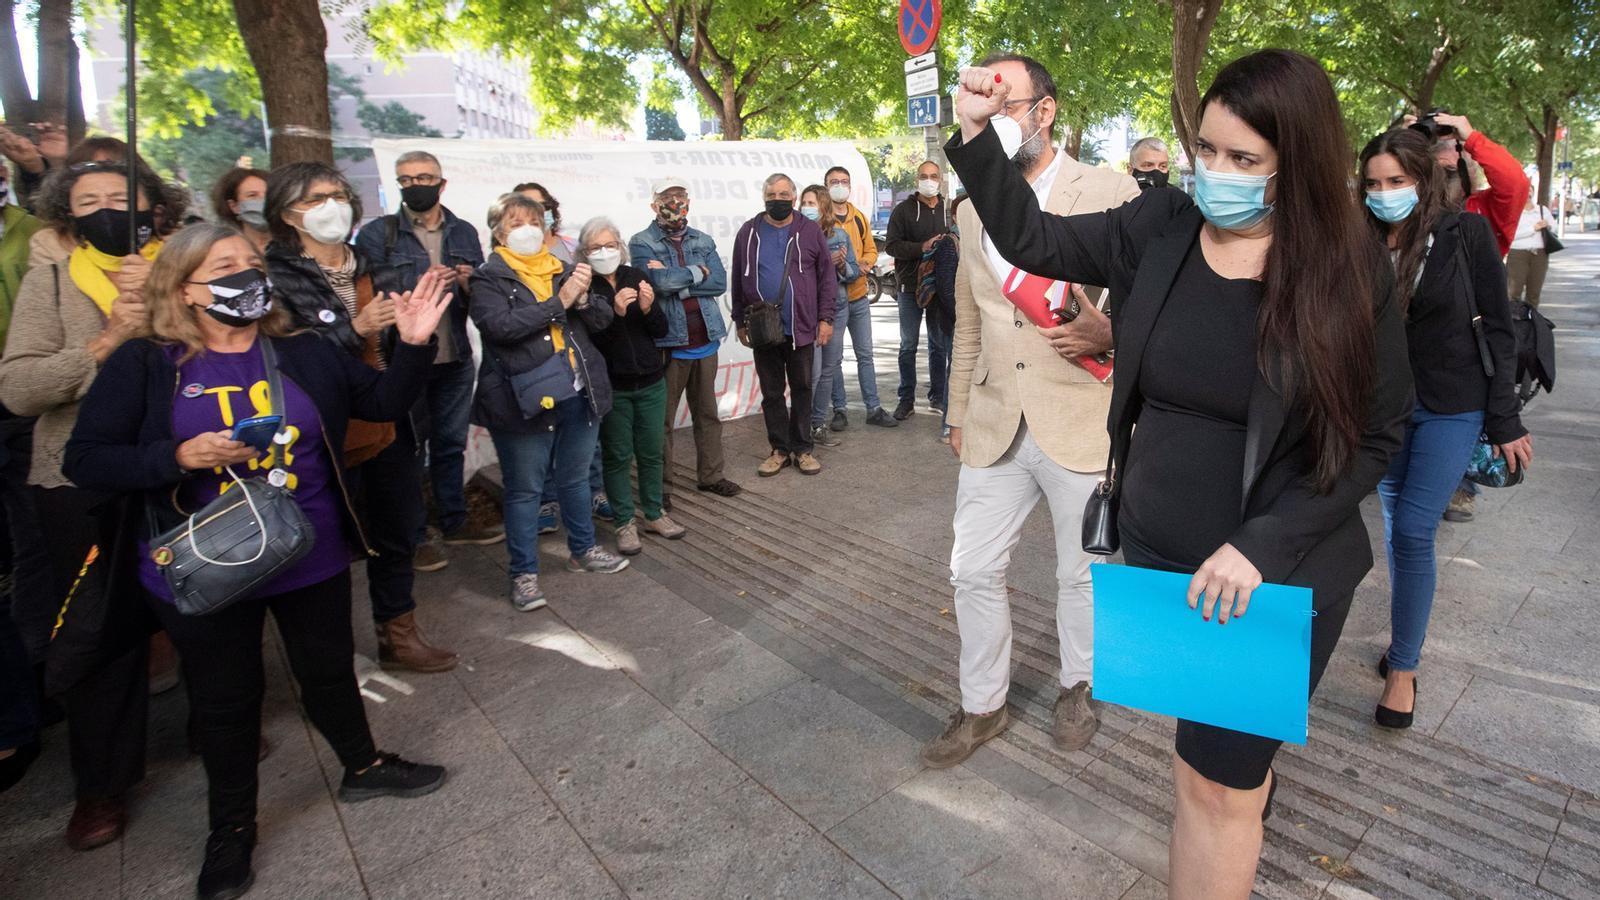 Absolta Tamara Carrasco, les discoteques ja poden obrir sense ball fins a les tres, i el Barça és a menys de mil firmes per a la censura de Bartomeu: les claus del dia, amb Antoni Bassas (07/10/2020)